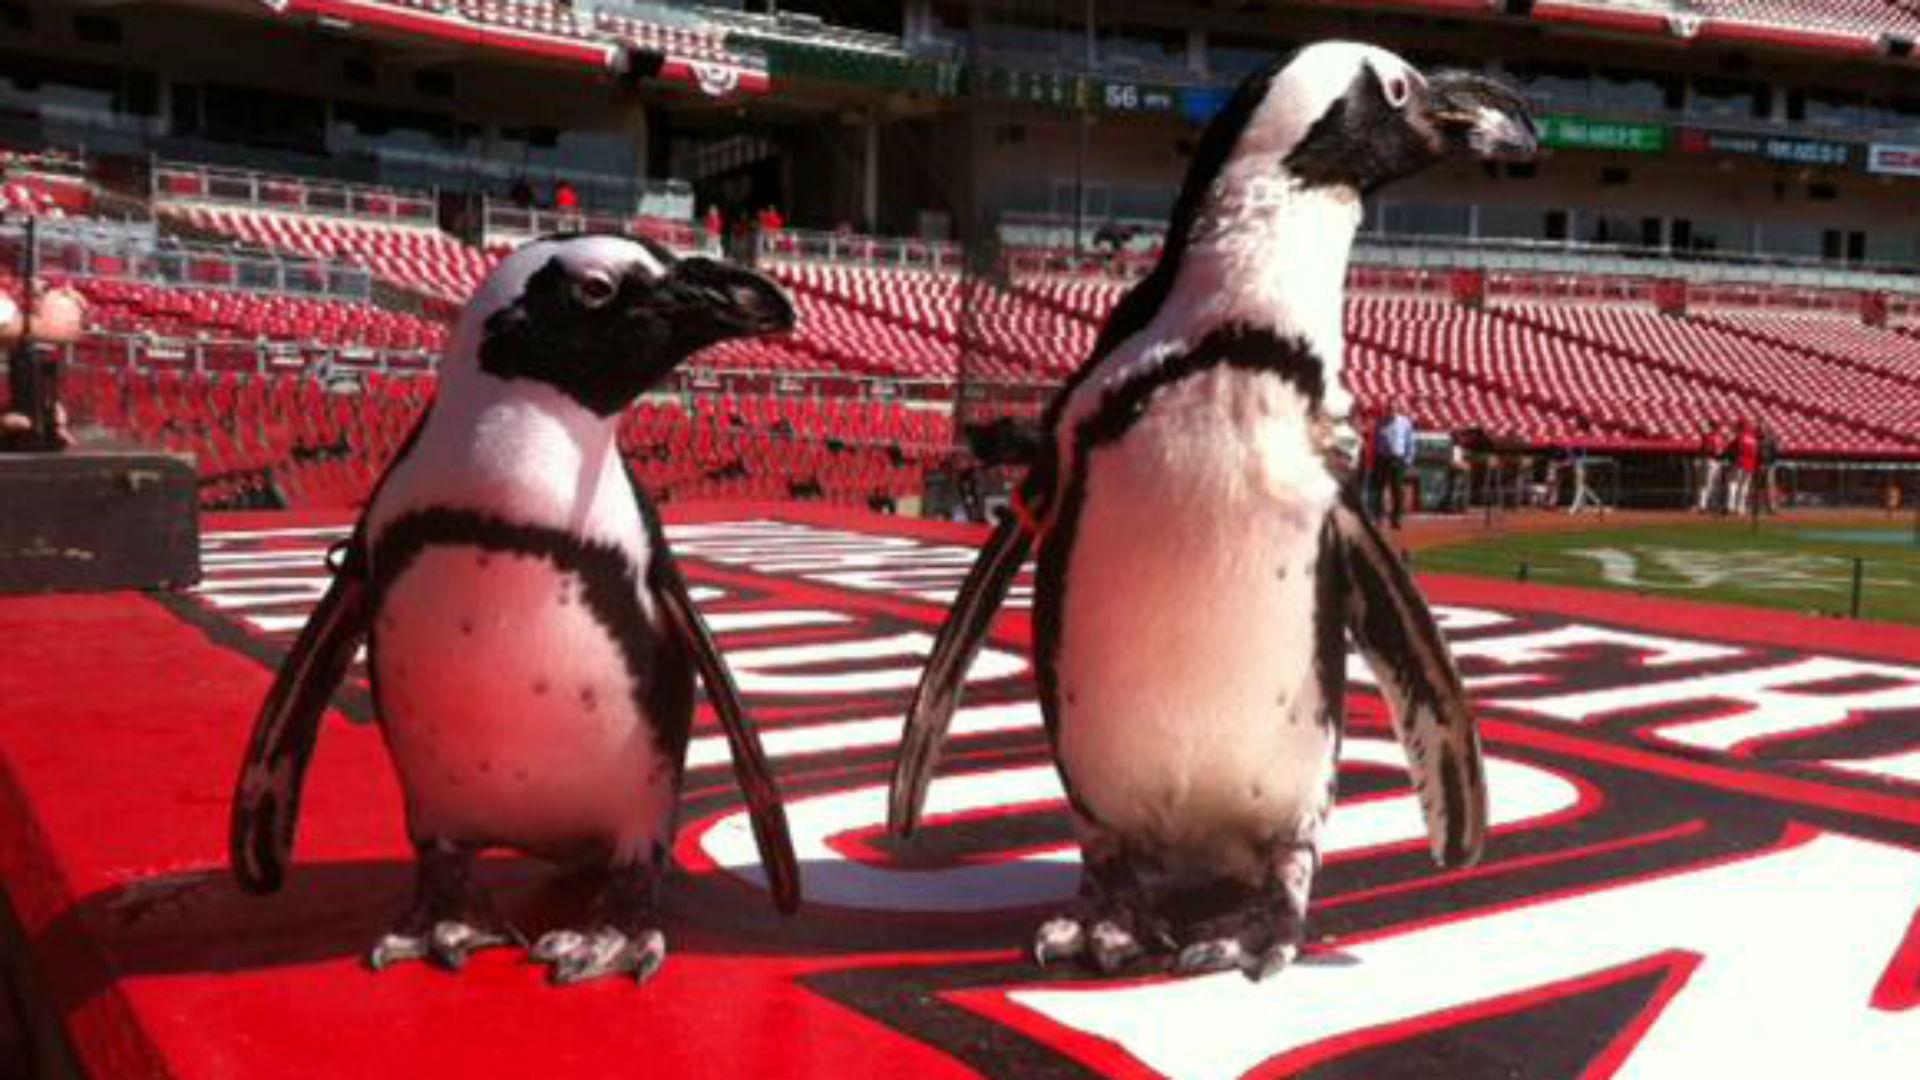 paula-penguin-041215-ftr-twitter.jpg